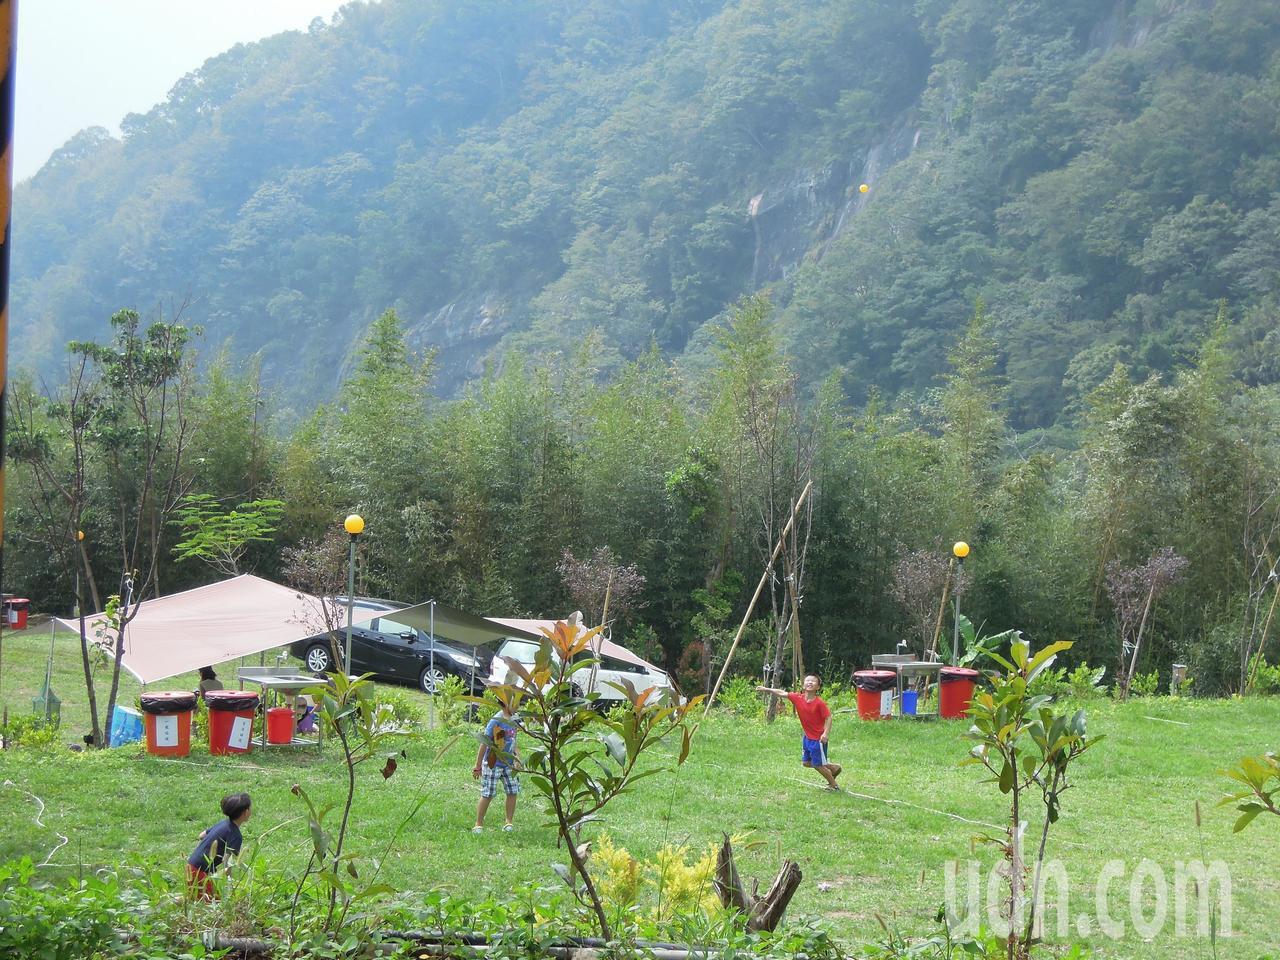 苗栗縣的露營地業者逾200家,縣府今天通過「苗栗縣露營區管理要點」。記者胡蓬生/...